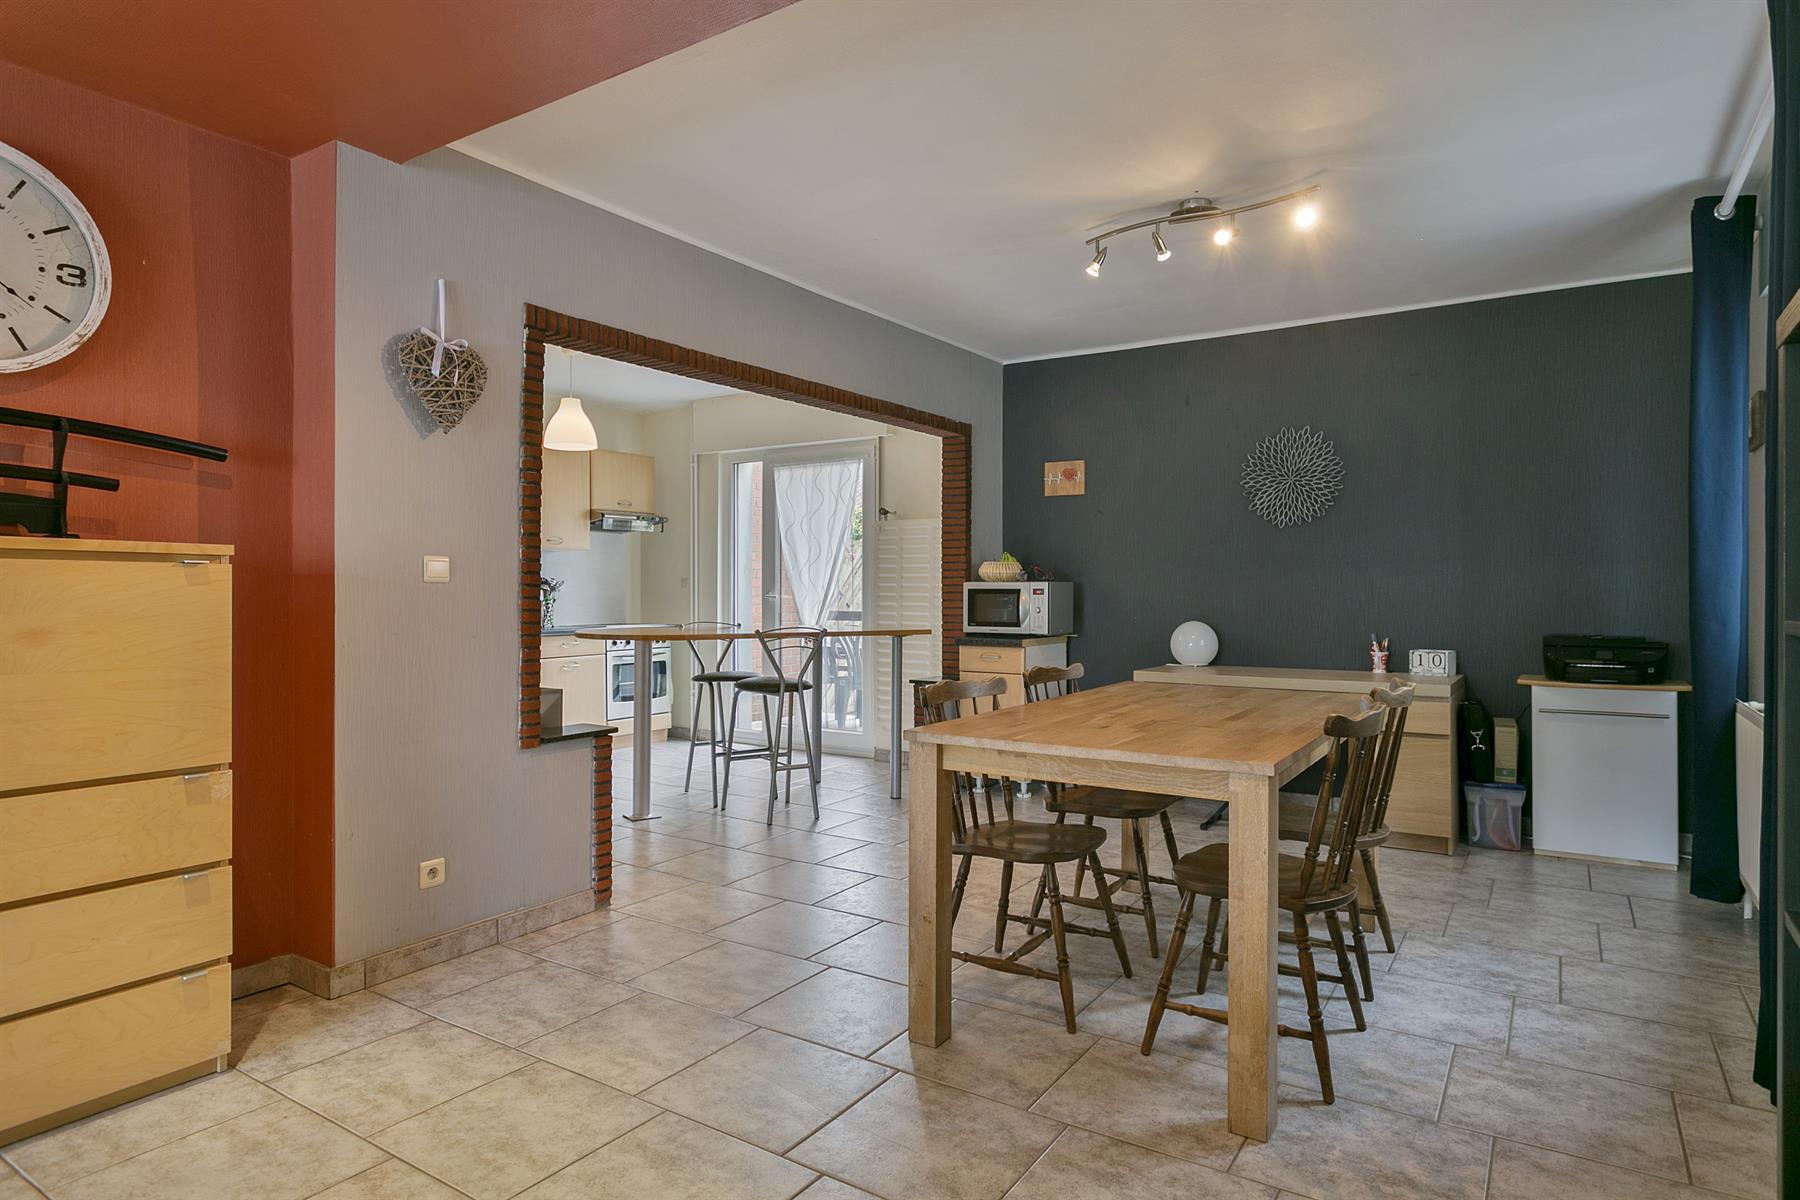 Maison - Plombières Montzen - #4040996-4